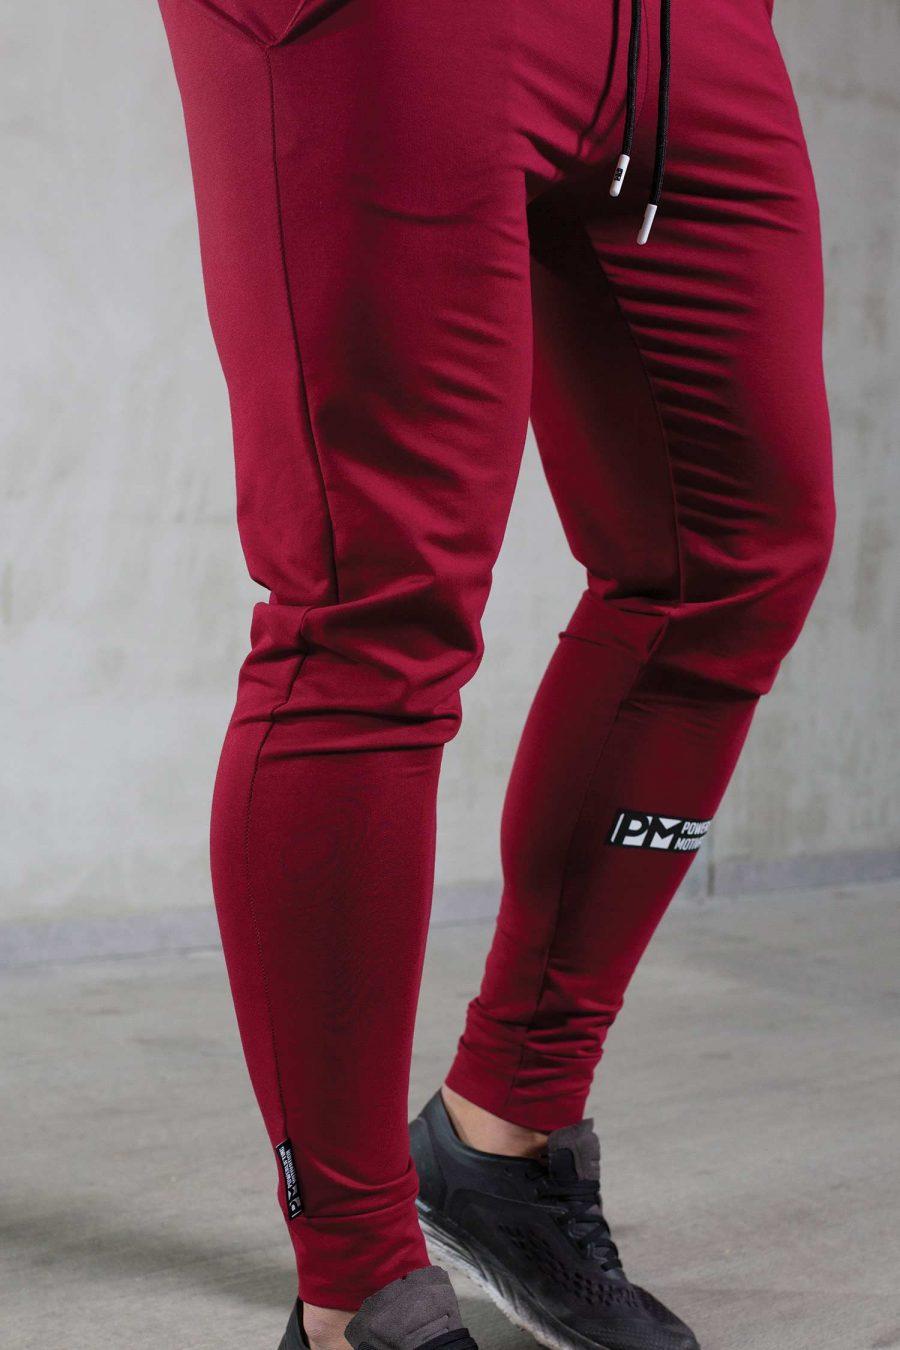 bordo-pants-track-suit-side-details